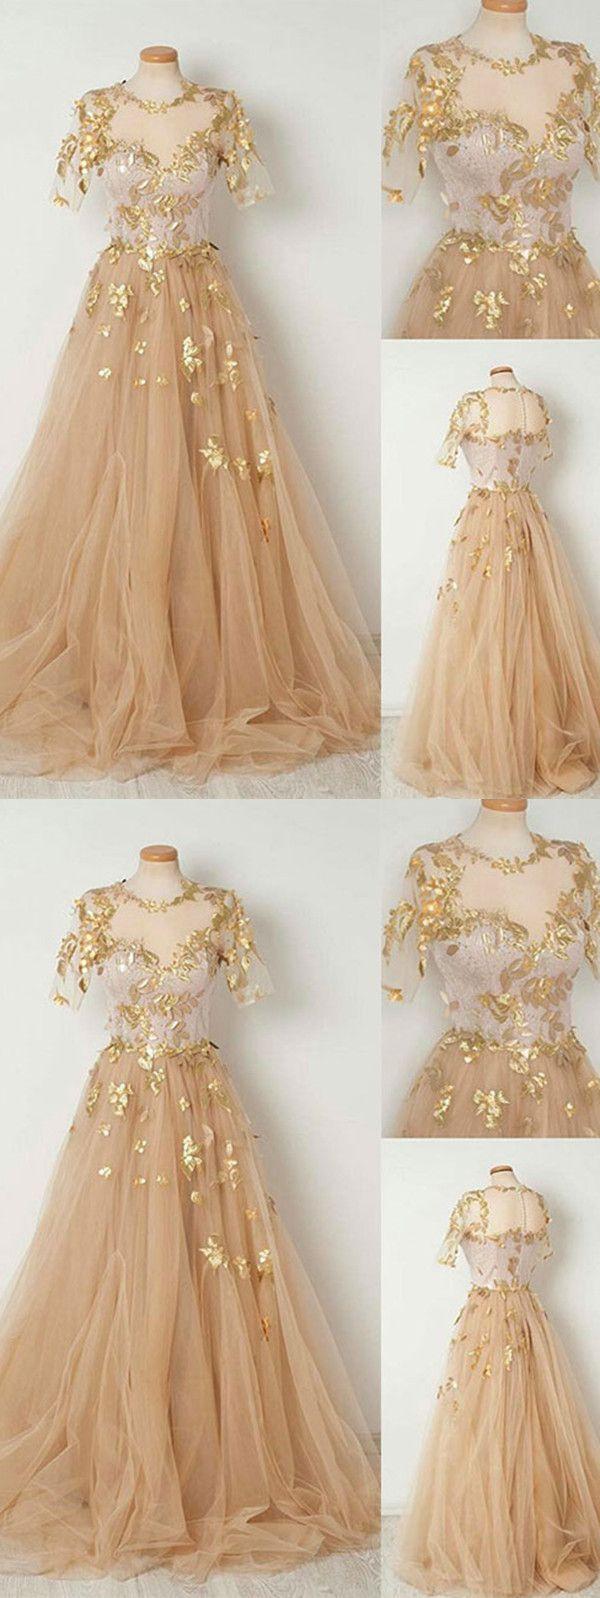 15 Spektakulär Abendkleider Gold Galerie Schön Abendkleider Gold Design